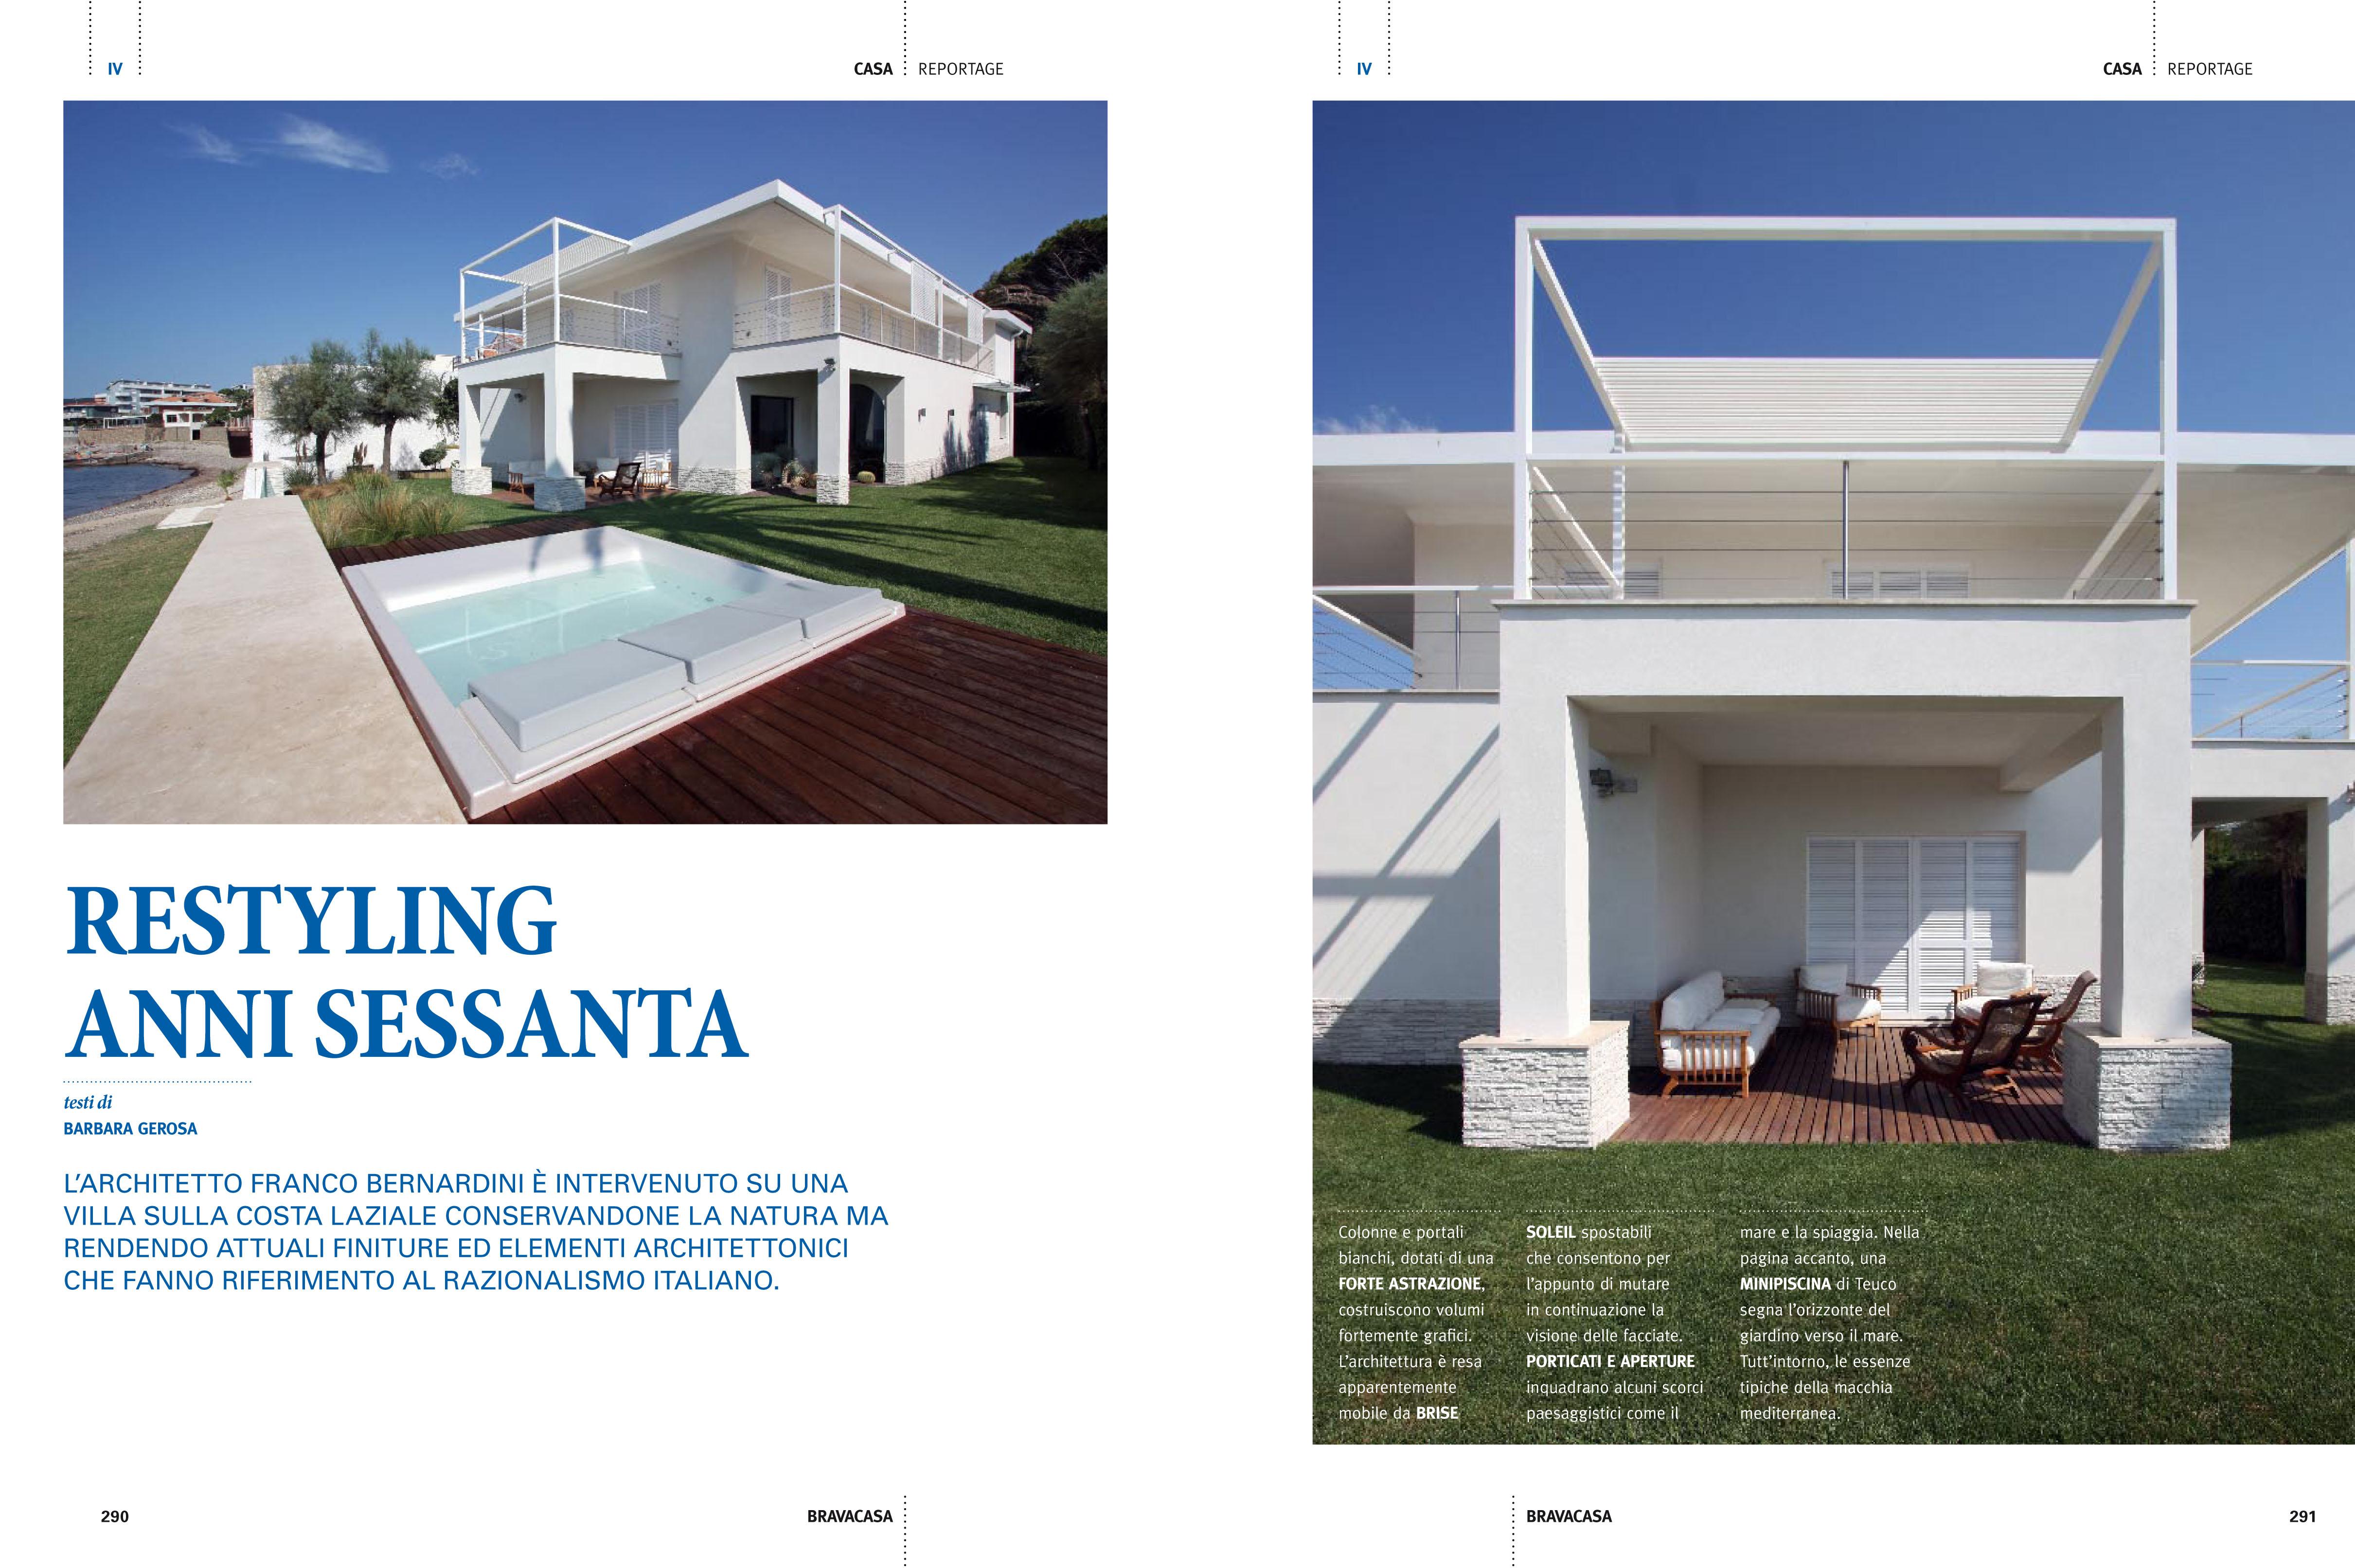 Villa unifamiliare sulla costa laziale roma 2008 09 for Schizzo di piani di casa gratuiti